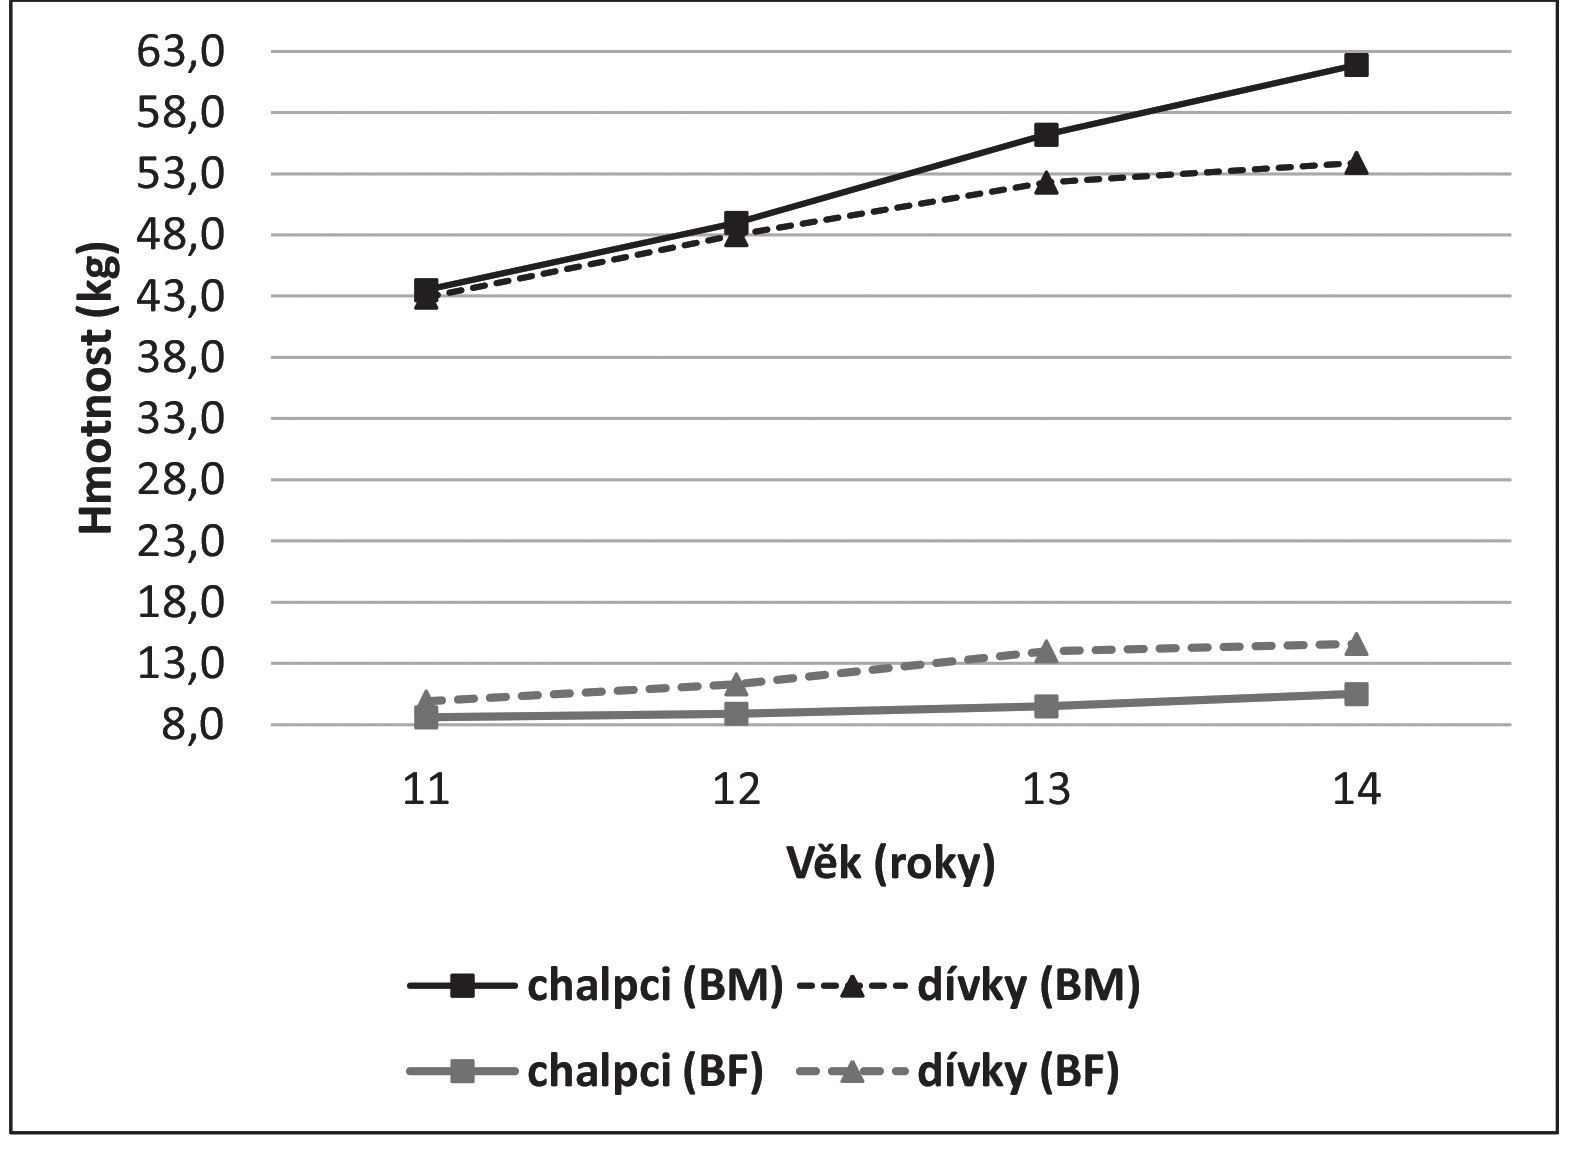 Vývoj tělesné hmotnosti a hmotnosti tuku. Legenda: BM – celková tělesná hmotnost, BF – hmotnost tuku